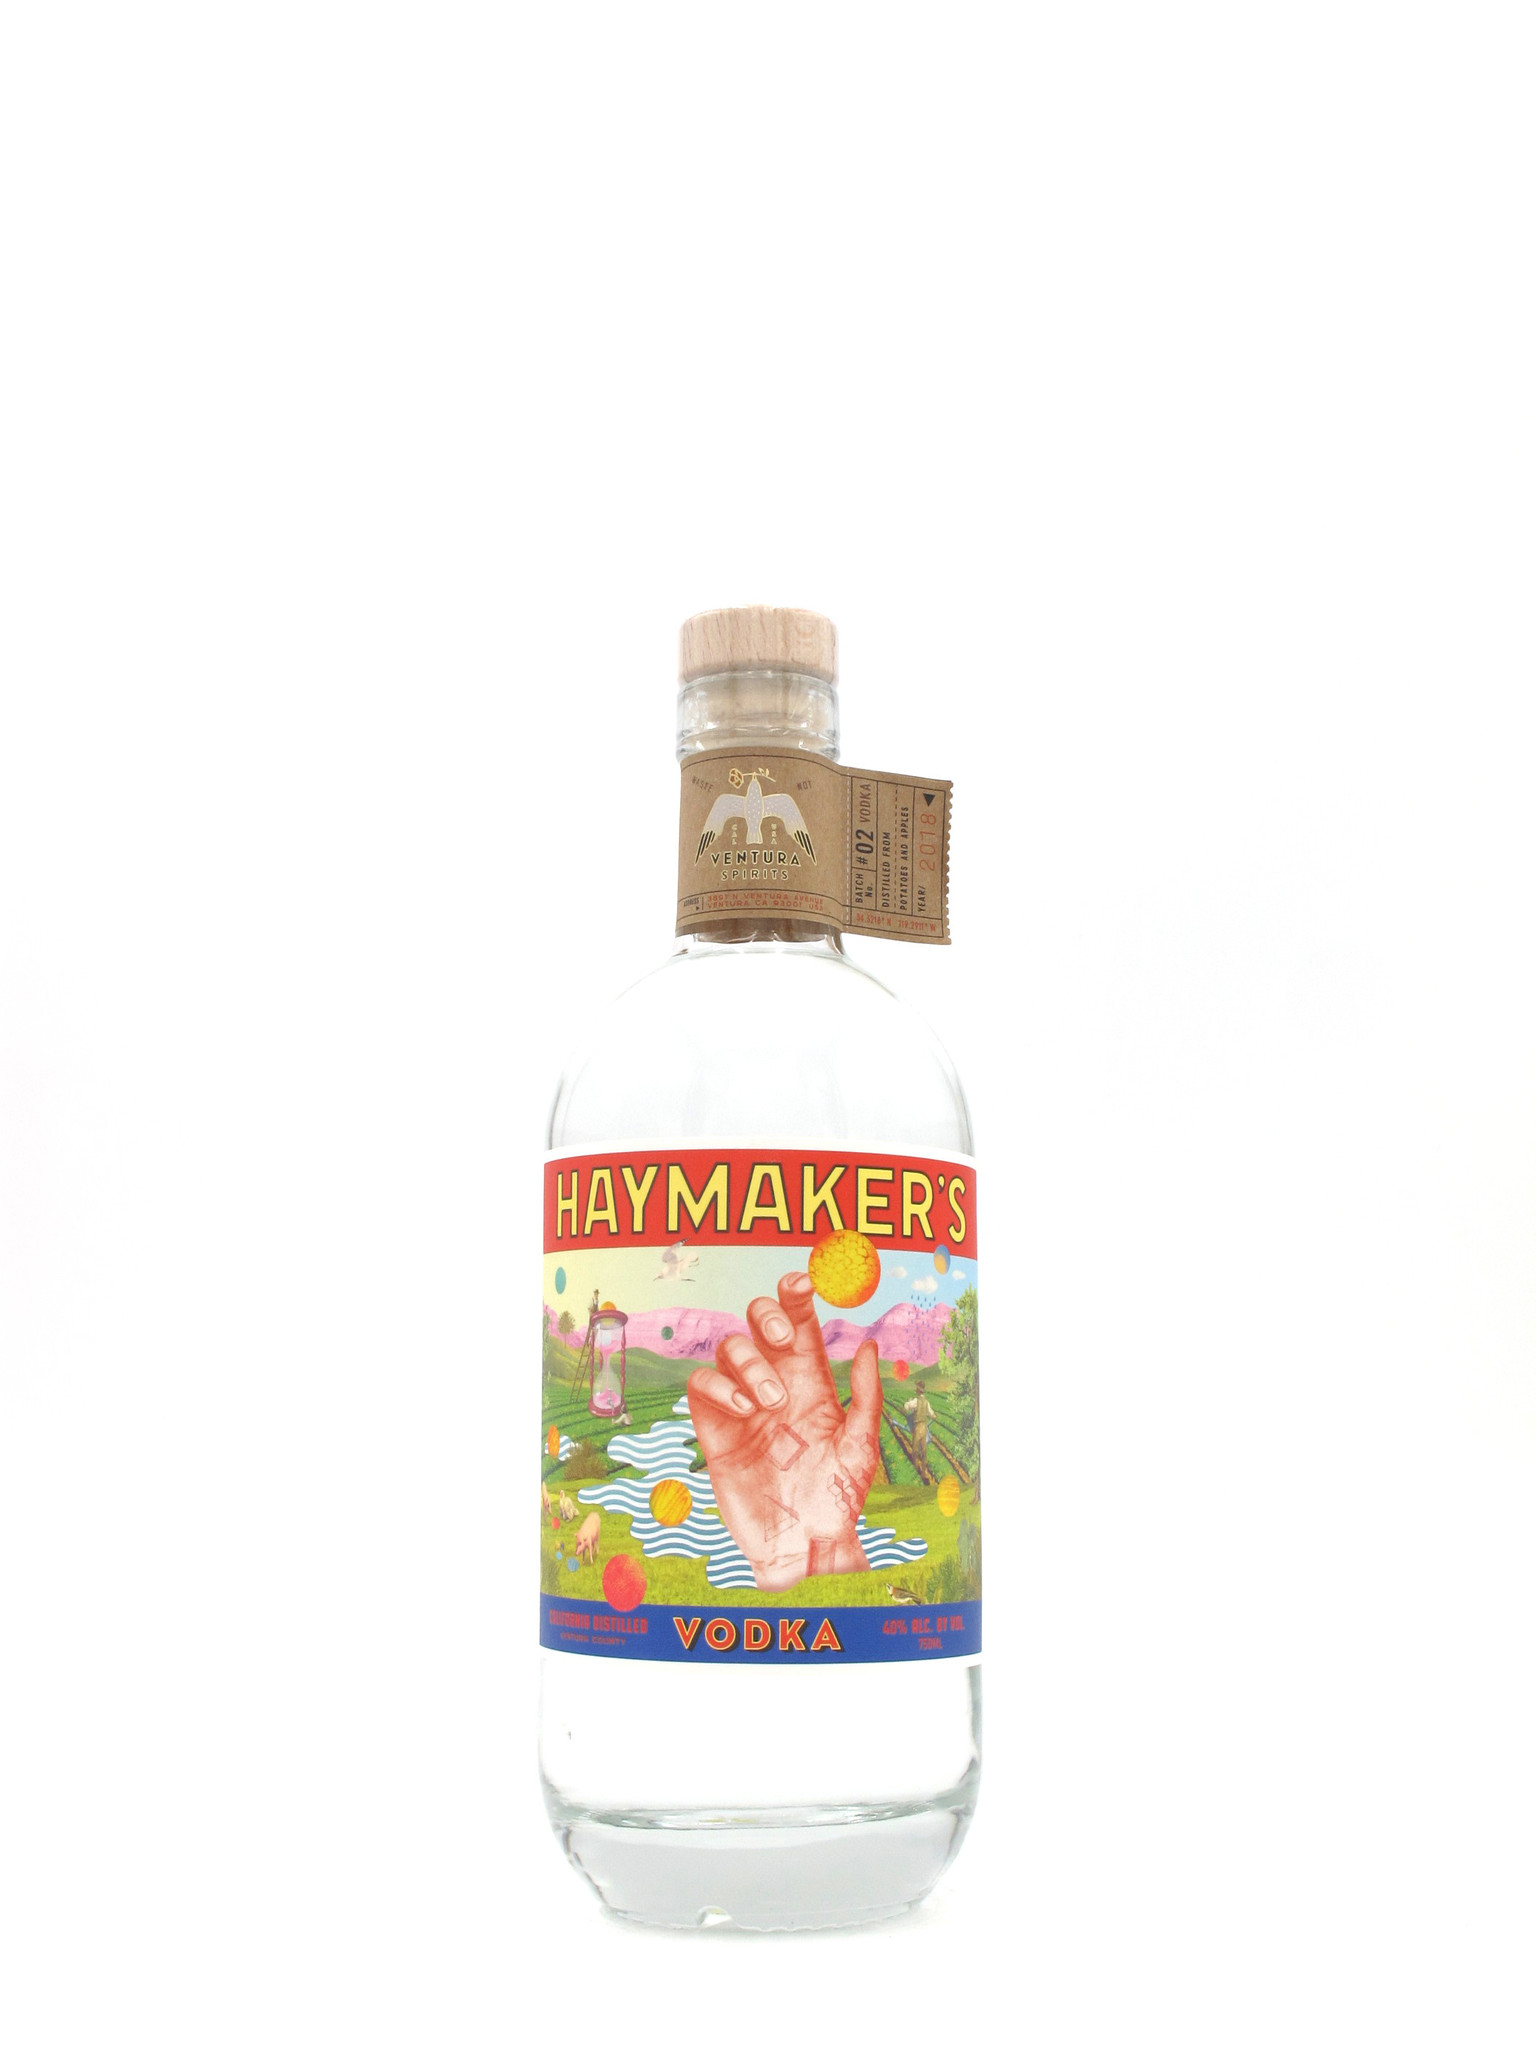 Ventura Spirits Ventura Spirits Haymaker's Vodka 750mL